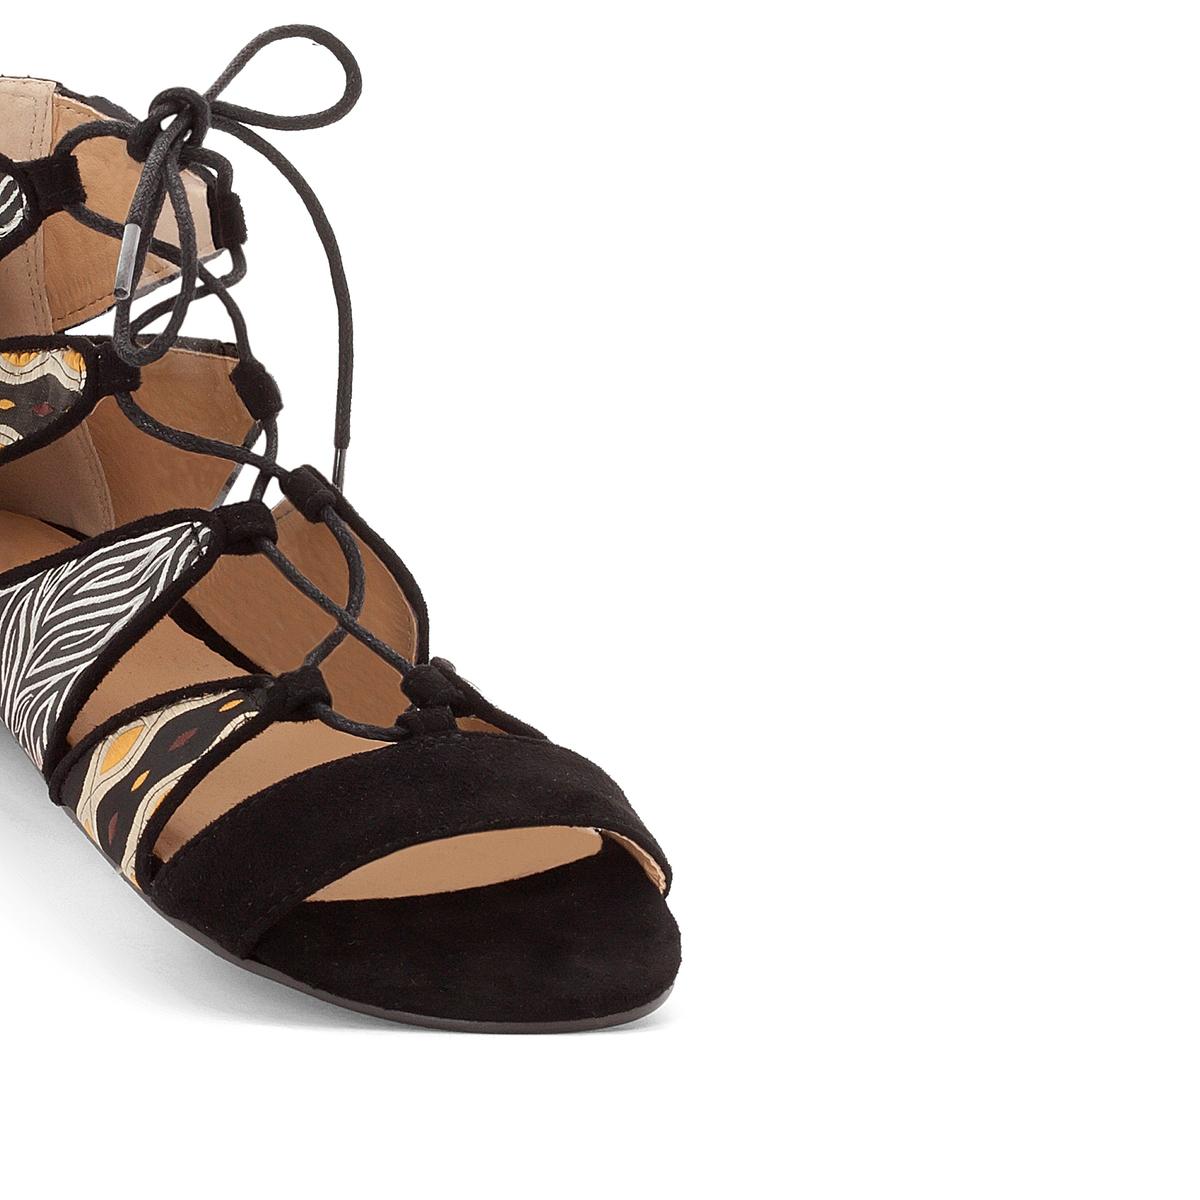 Сандалии с рисункомВерх: текстиль                  Подкладка : синтетика                  Стелька : синтетика                  Подошва : эластомер                  Высота каблука : плоская                 Форма каблука : плоская                Мысок : открытый мысок                  Застежка : на завязки<br><br>Цвет: синий морской,черный<br>Размер: 37.38.39.42.36.38.39.42